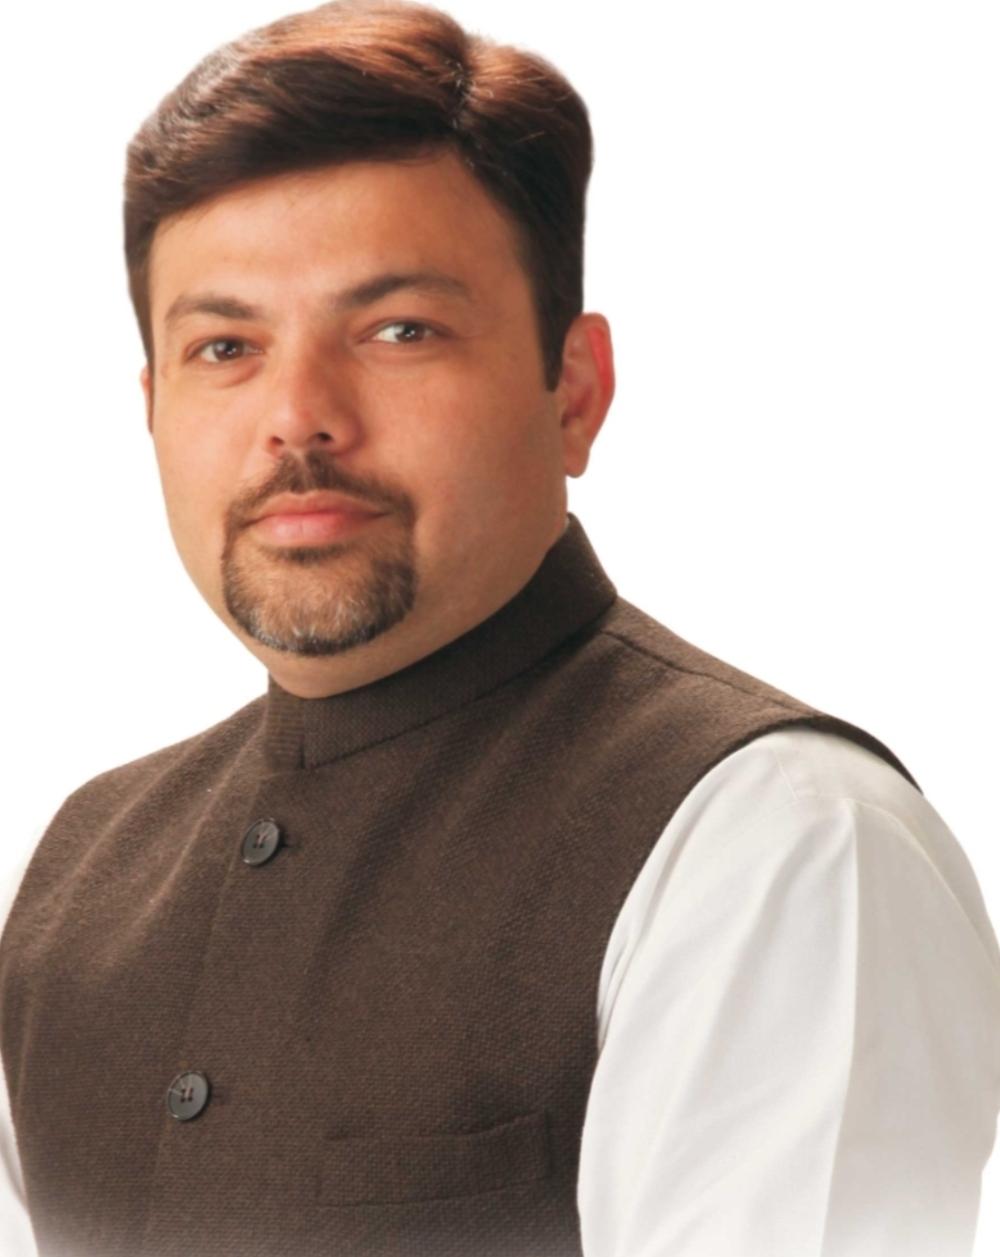 Adarsh Maharashtra | नाना पटोलेंनी विदर्भाला न्याय मिळवून द्यावा- डॉ. आशीष देशमुख